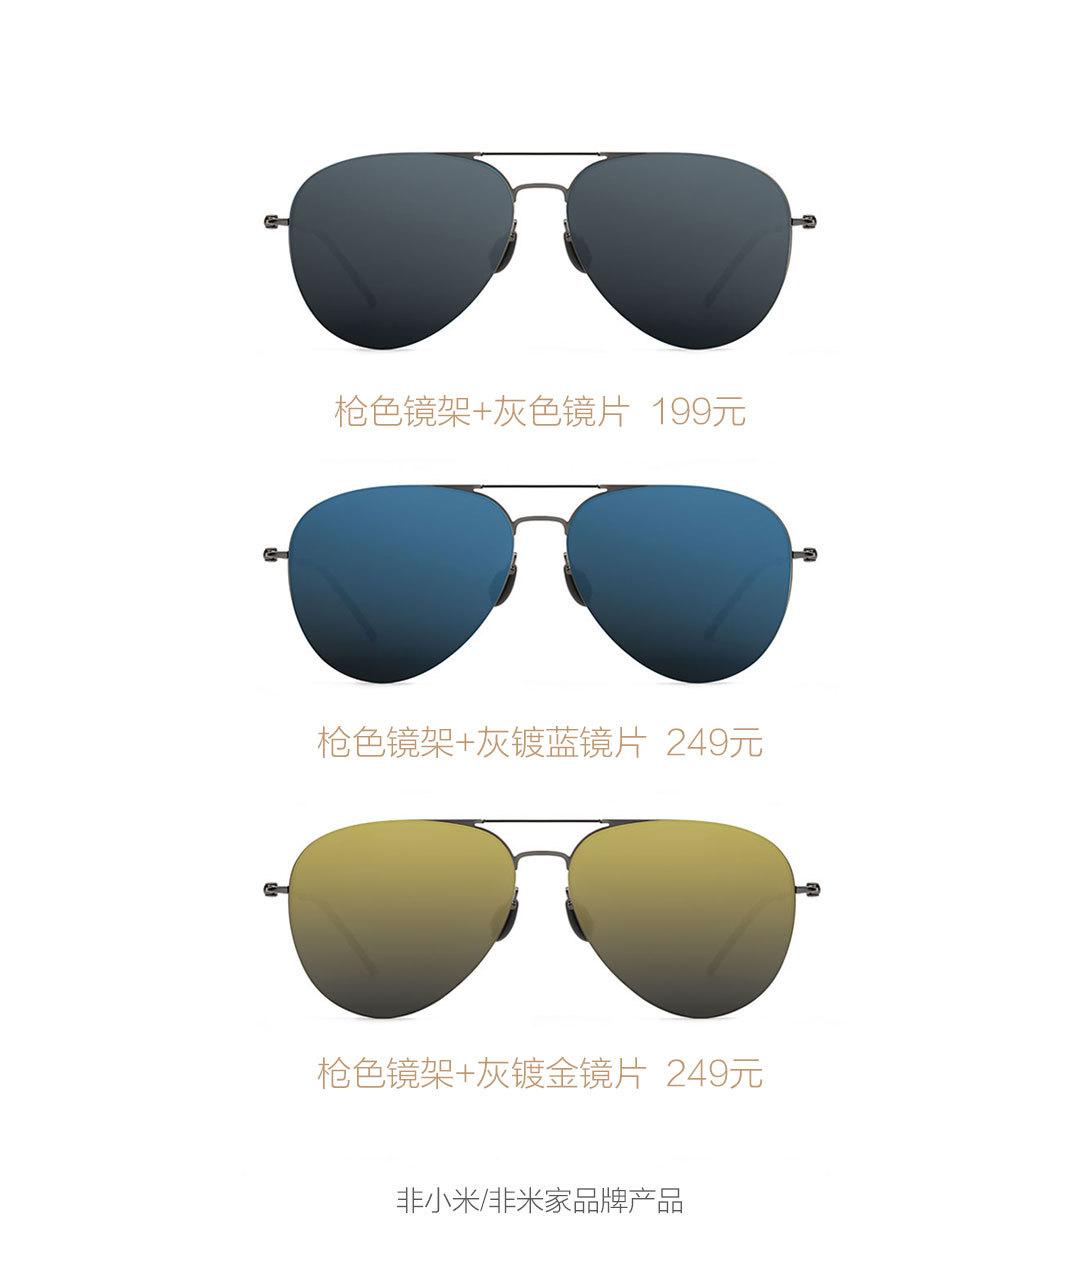 عینک آفتابی پلاریزه مدل TS شیائومی